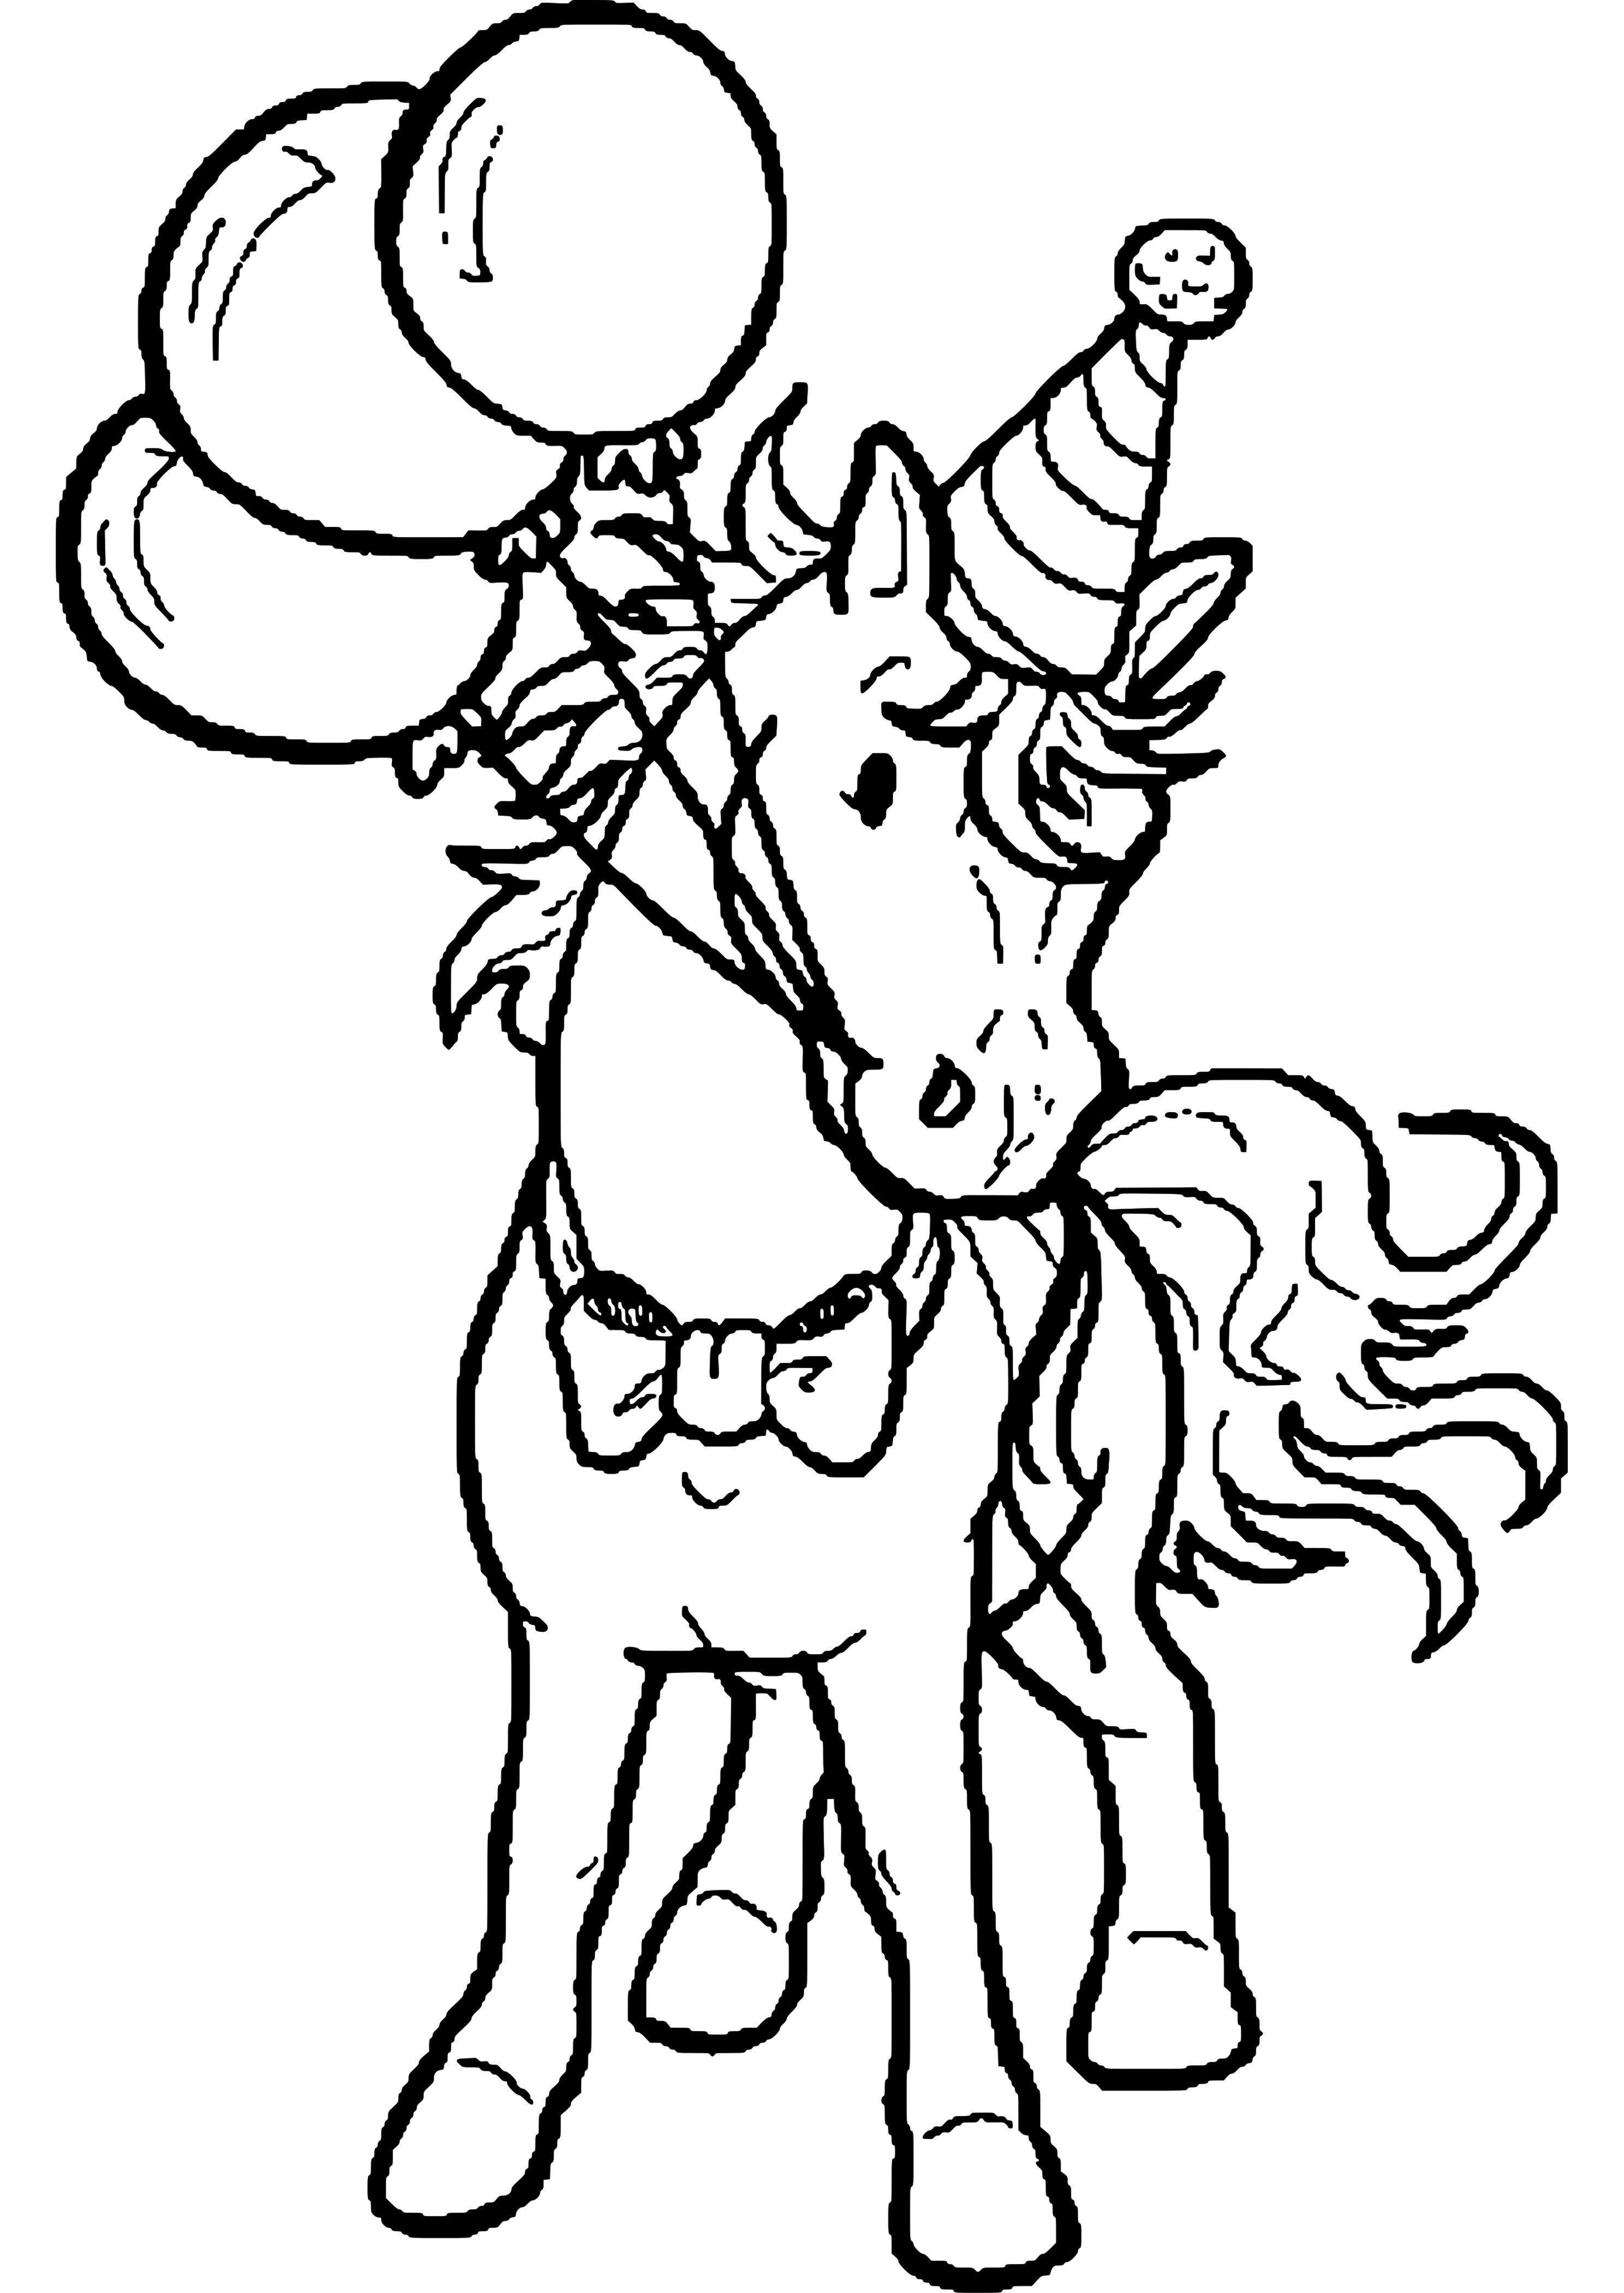 20 Der Besten Ideen Fur Ausmalbilder Pferd Beste Wohnkultur Bastelideen Coloring Und Frisur Inspiration Ausmalbilder Ausmalbilder Pferde Malvorlagen Pferde